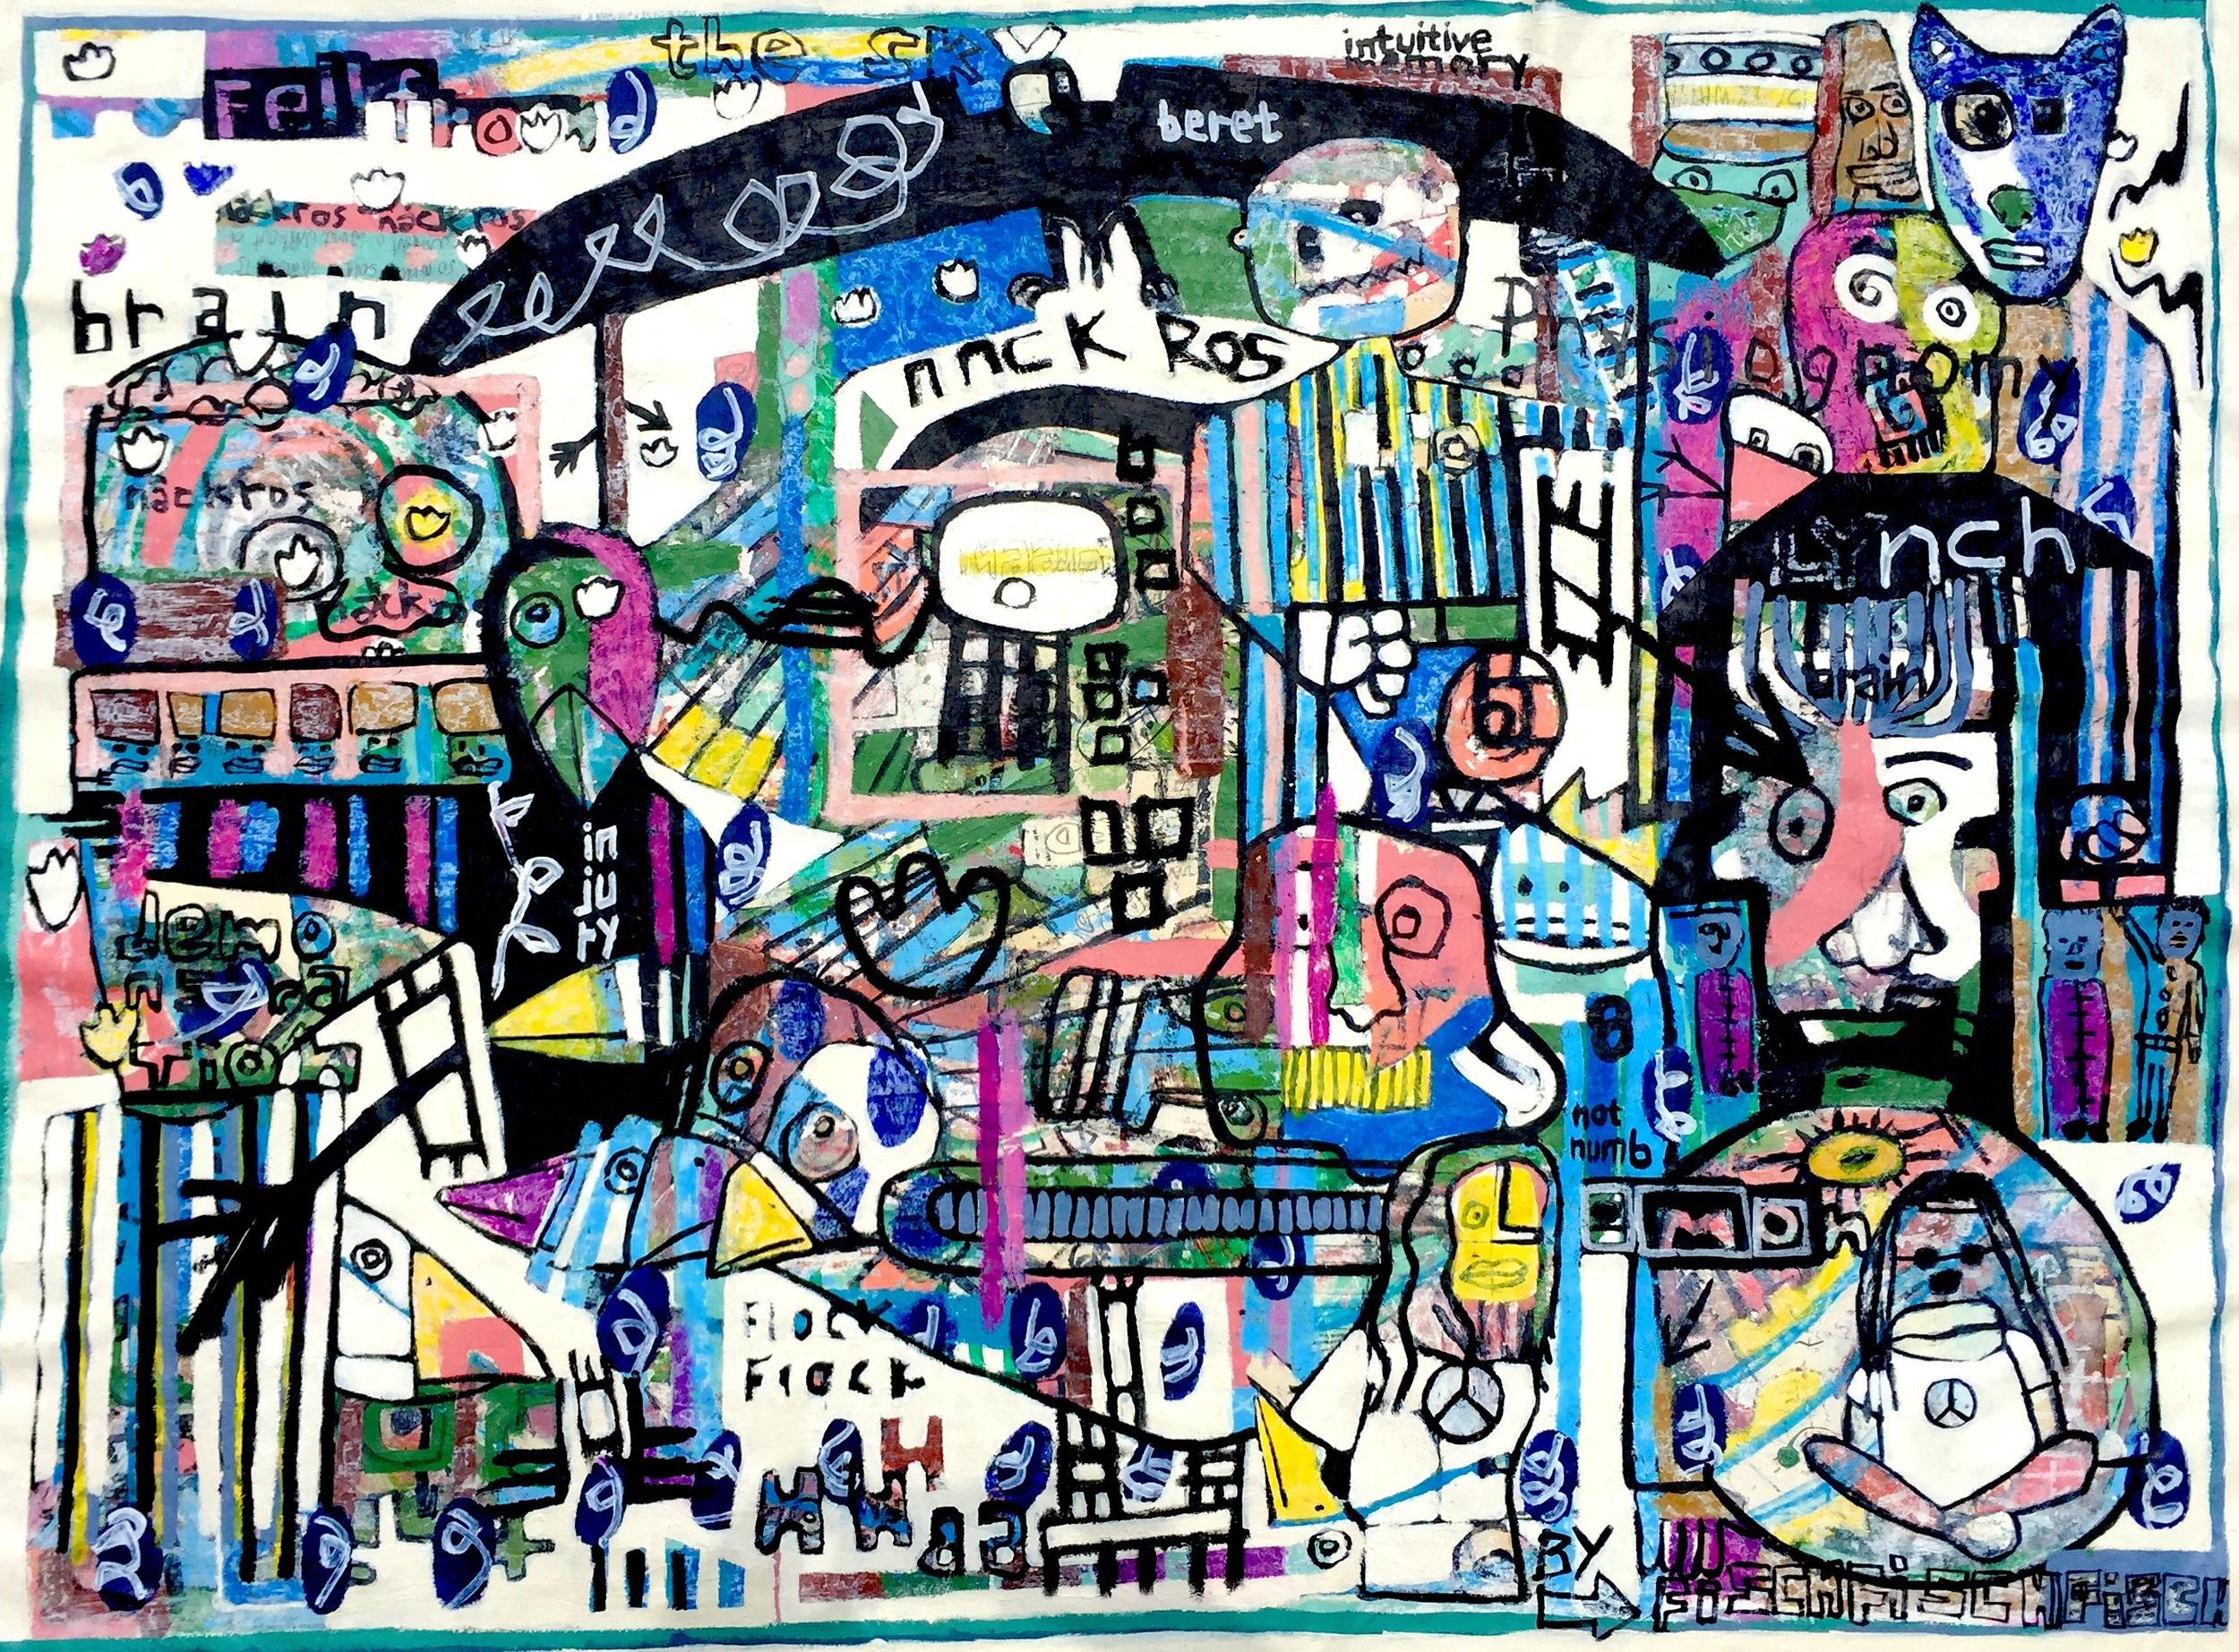 Brainstorm with Lynch, 42.2 x 58